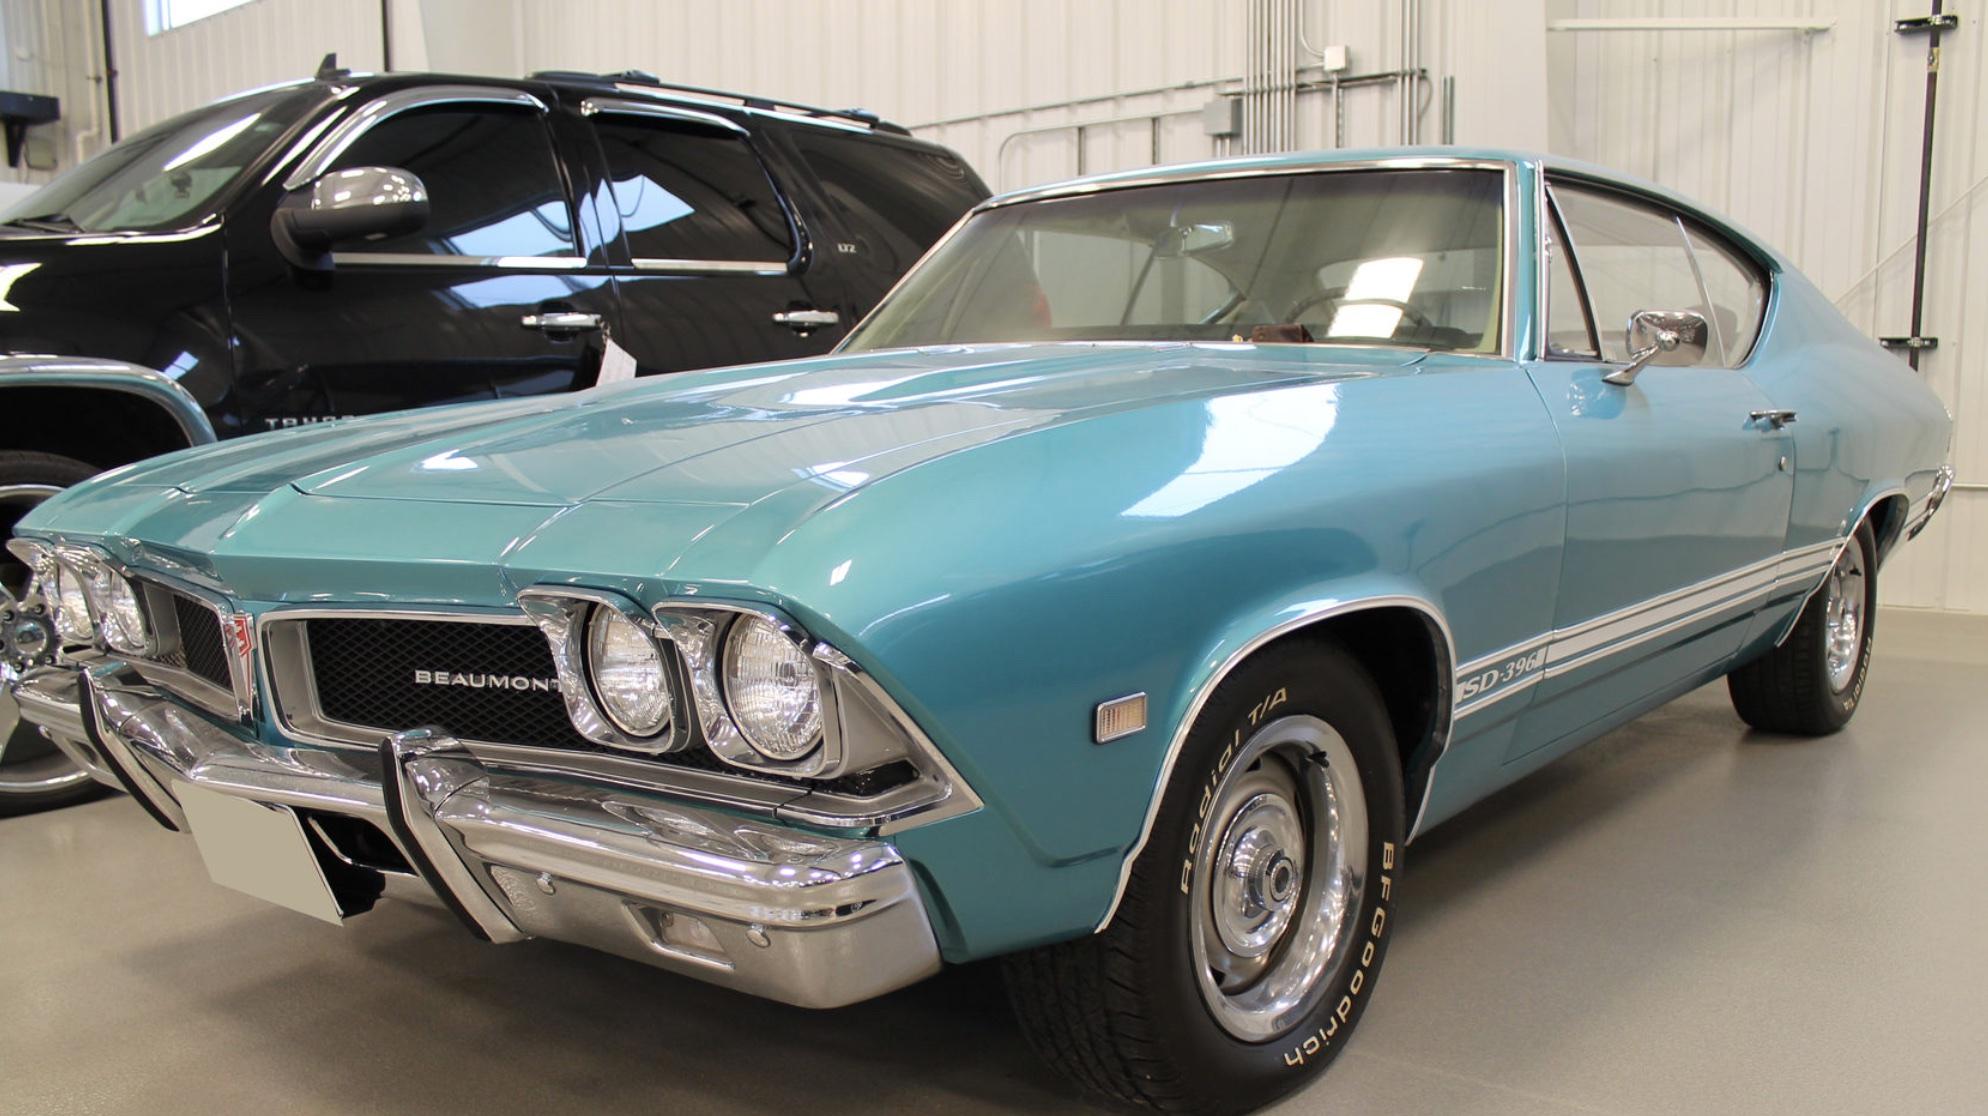 1968 Beaumont SD 396 blue front 3/4 auction